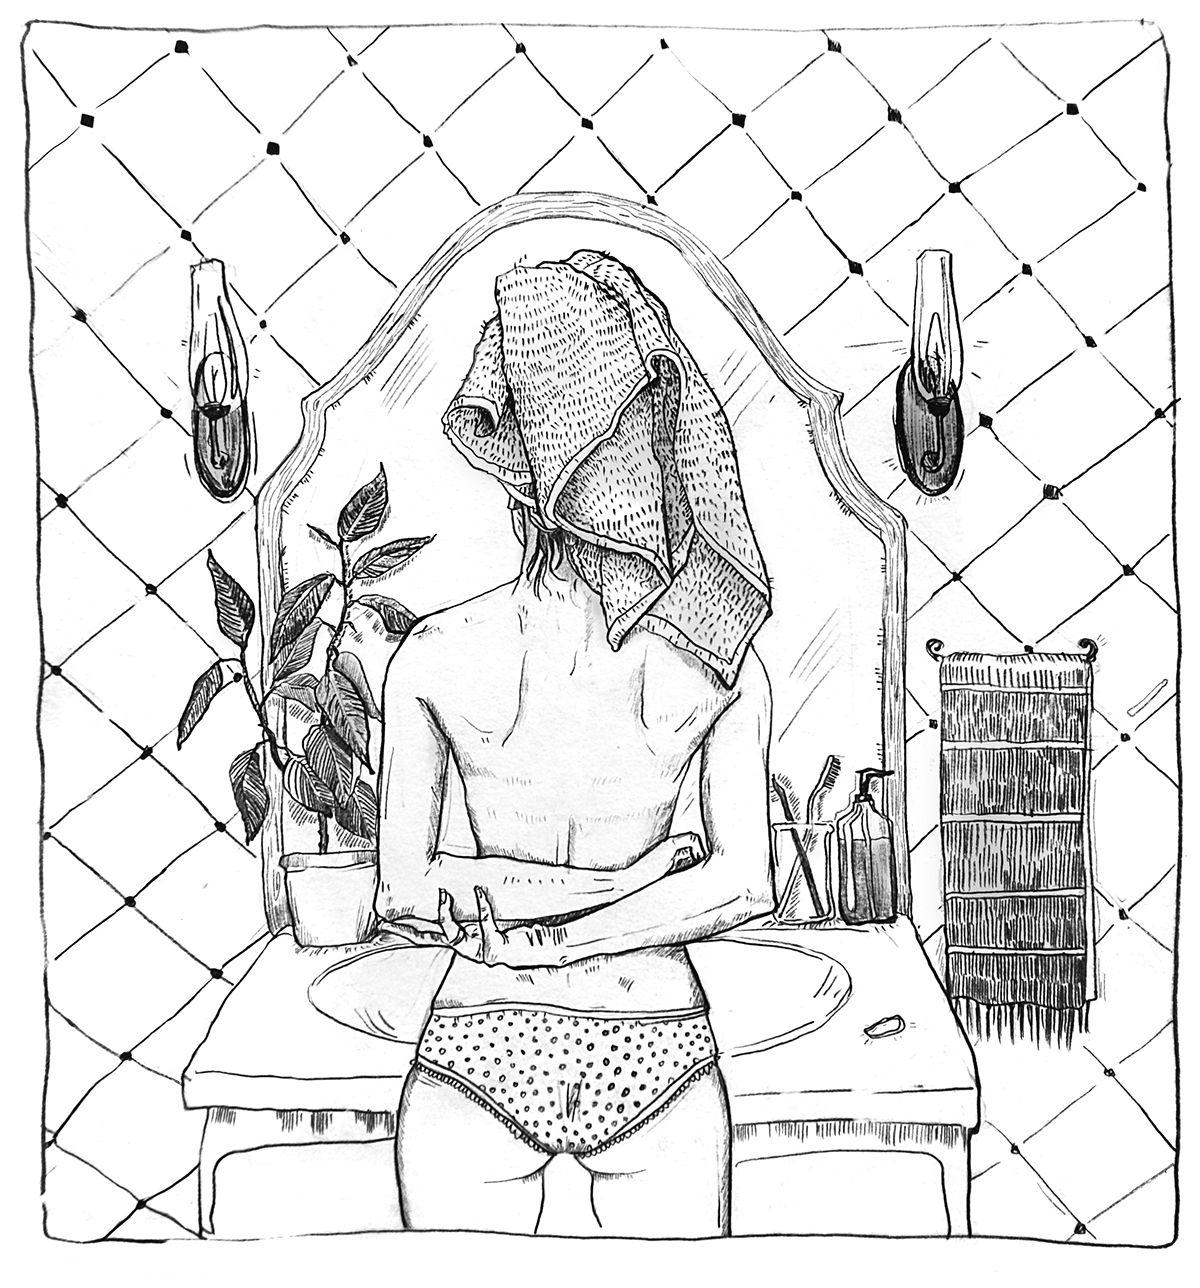 Bathroom illustration on Behance by Karina Yashagina